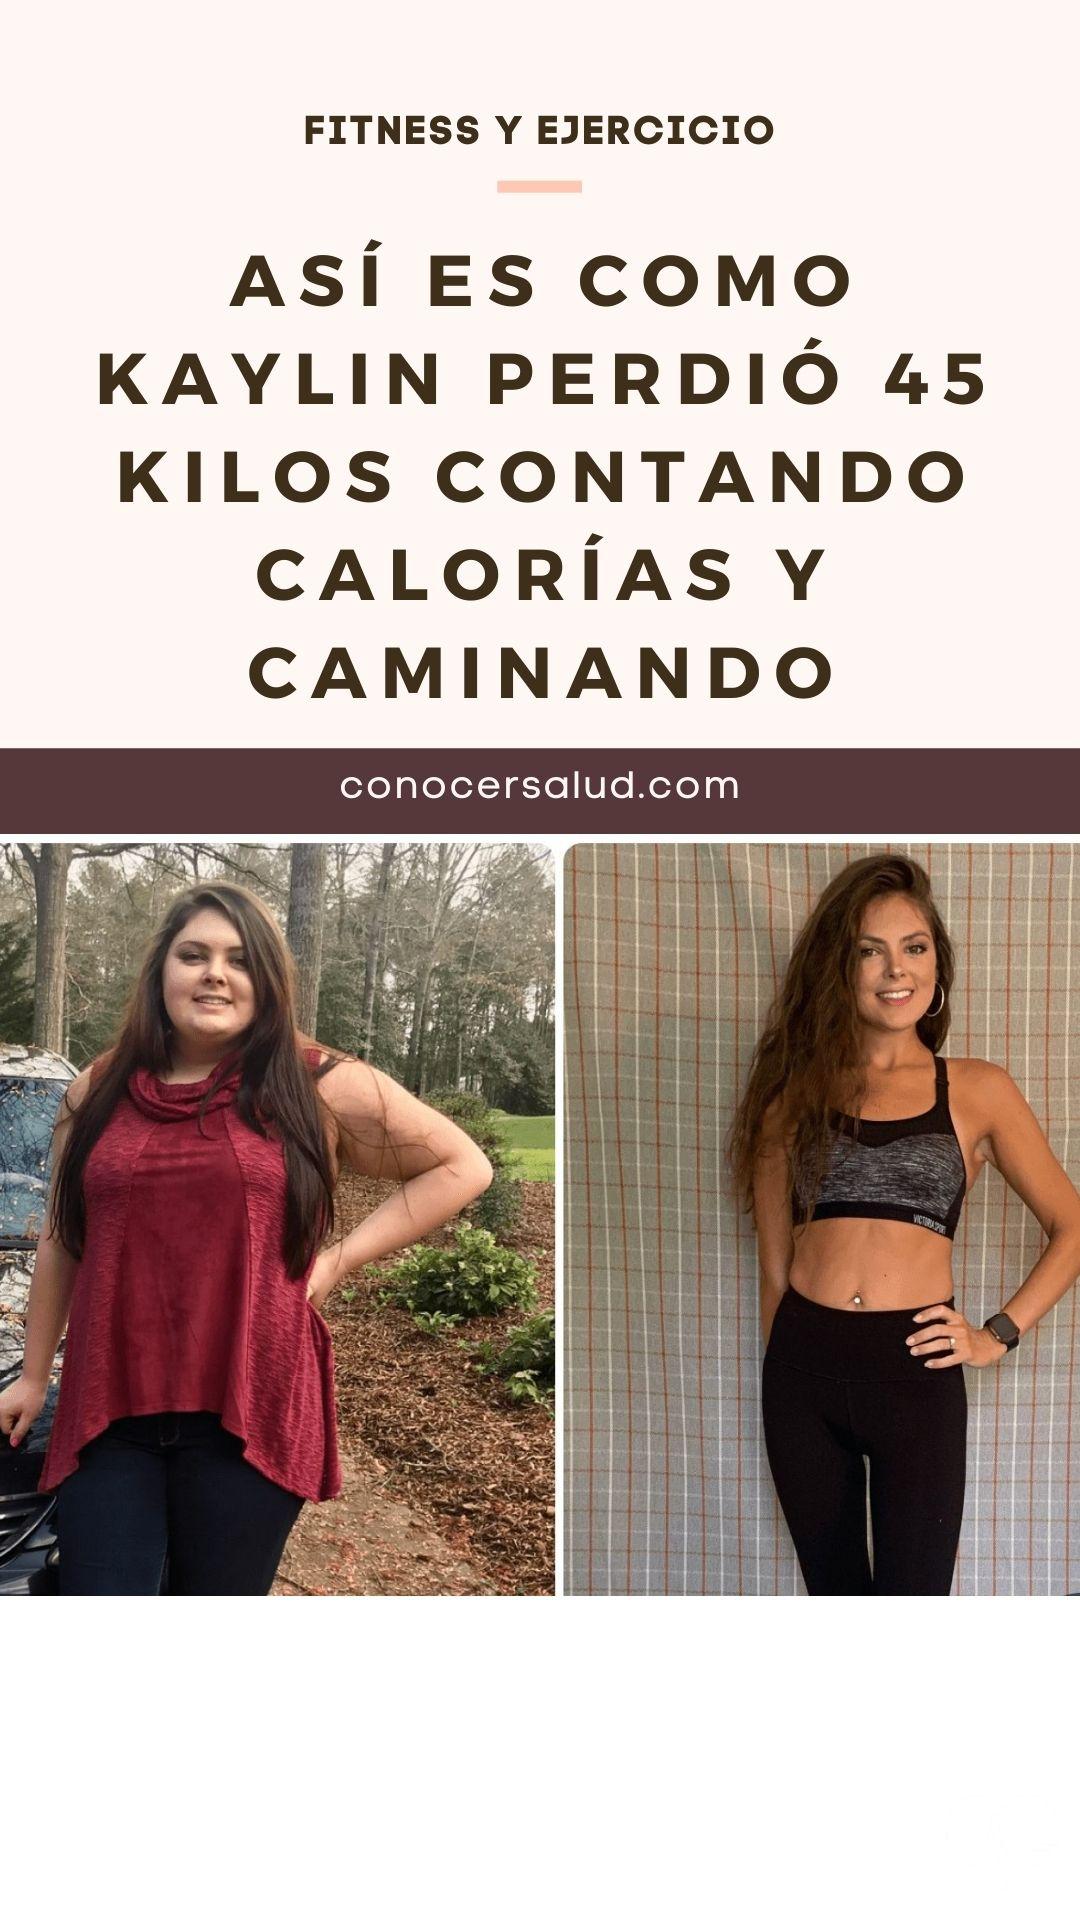 Así es como Kaylin perdió 45 kilos contando calorías y caminando